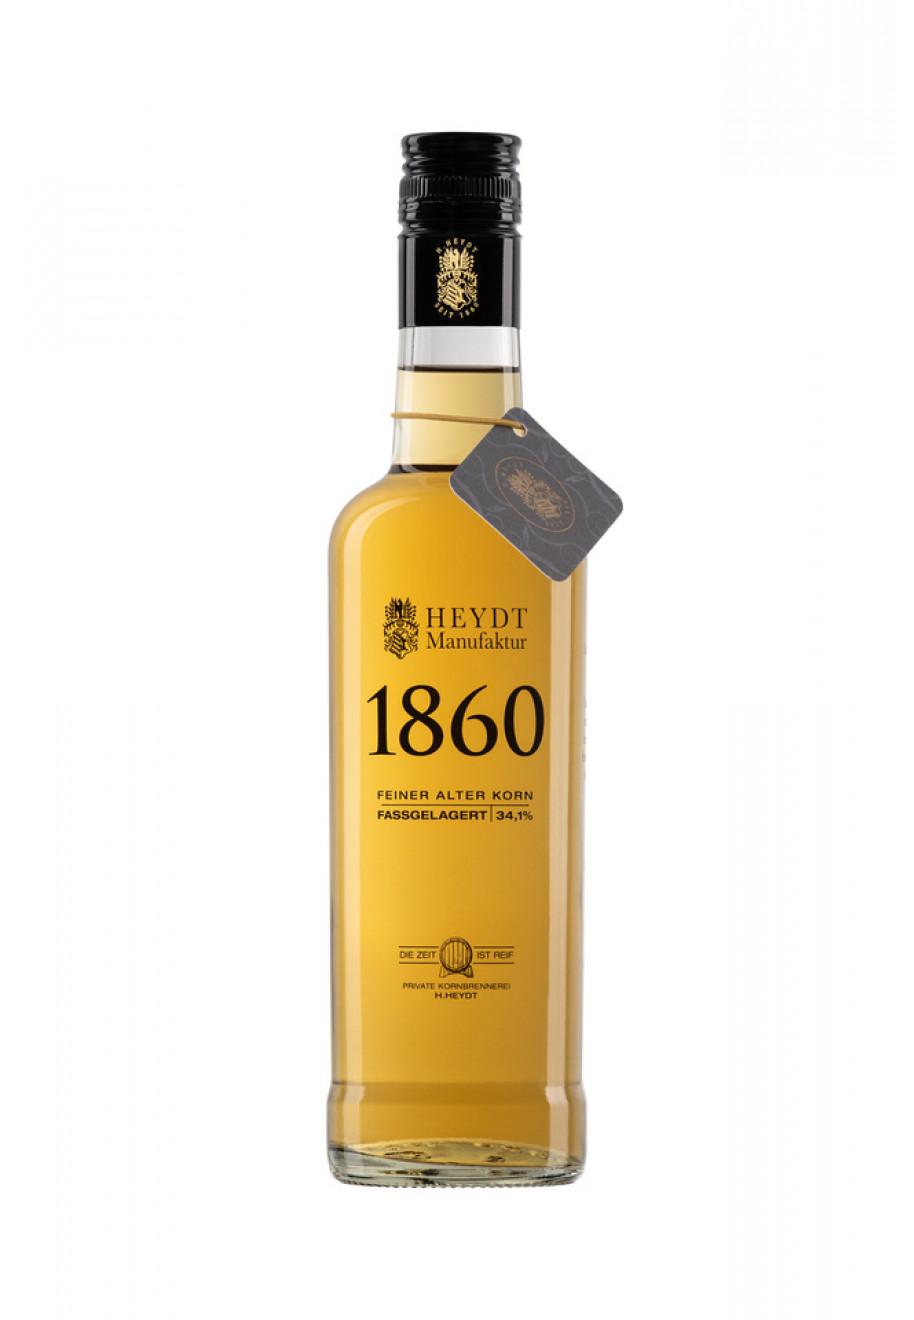 HEYDT Manufaktur 1860